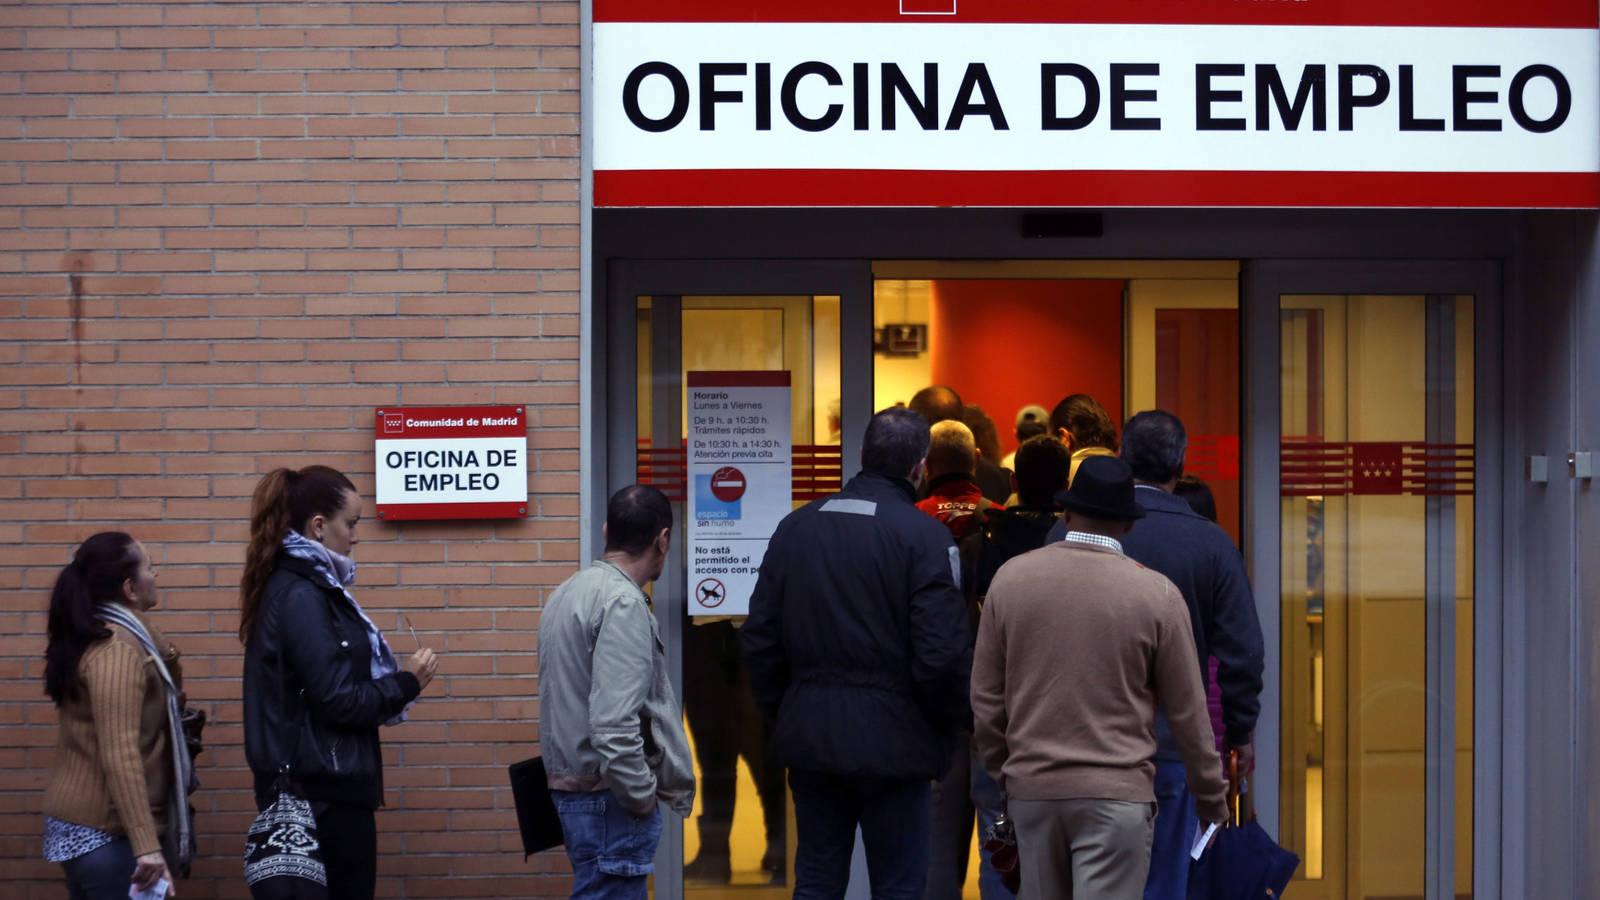 إسبانيا ..  14.02  في المائة معدل البطالة خلال الشطر الثاني من السنة الجارية